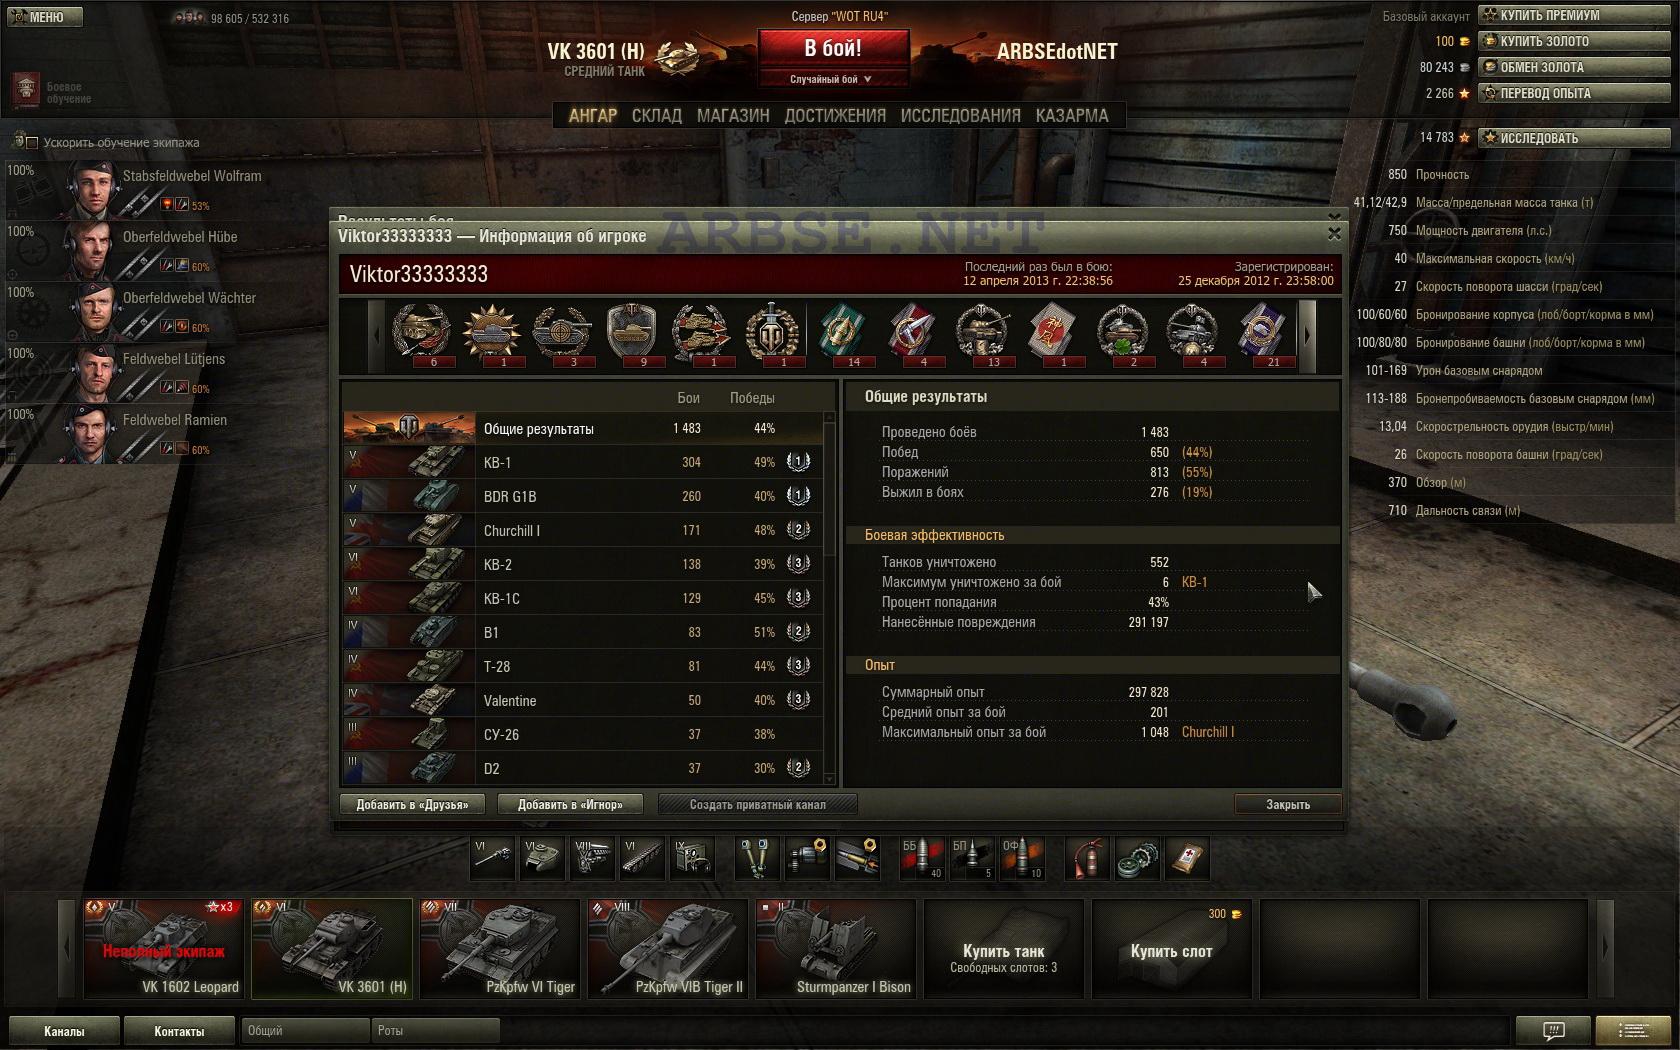 Как сделать много опыта в world of tank